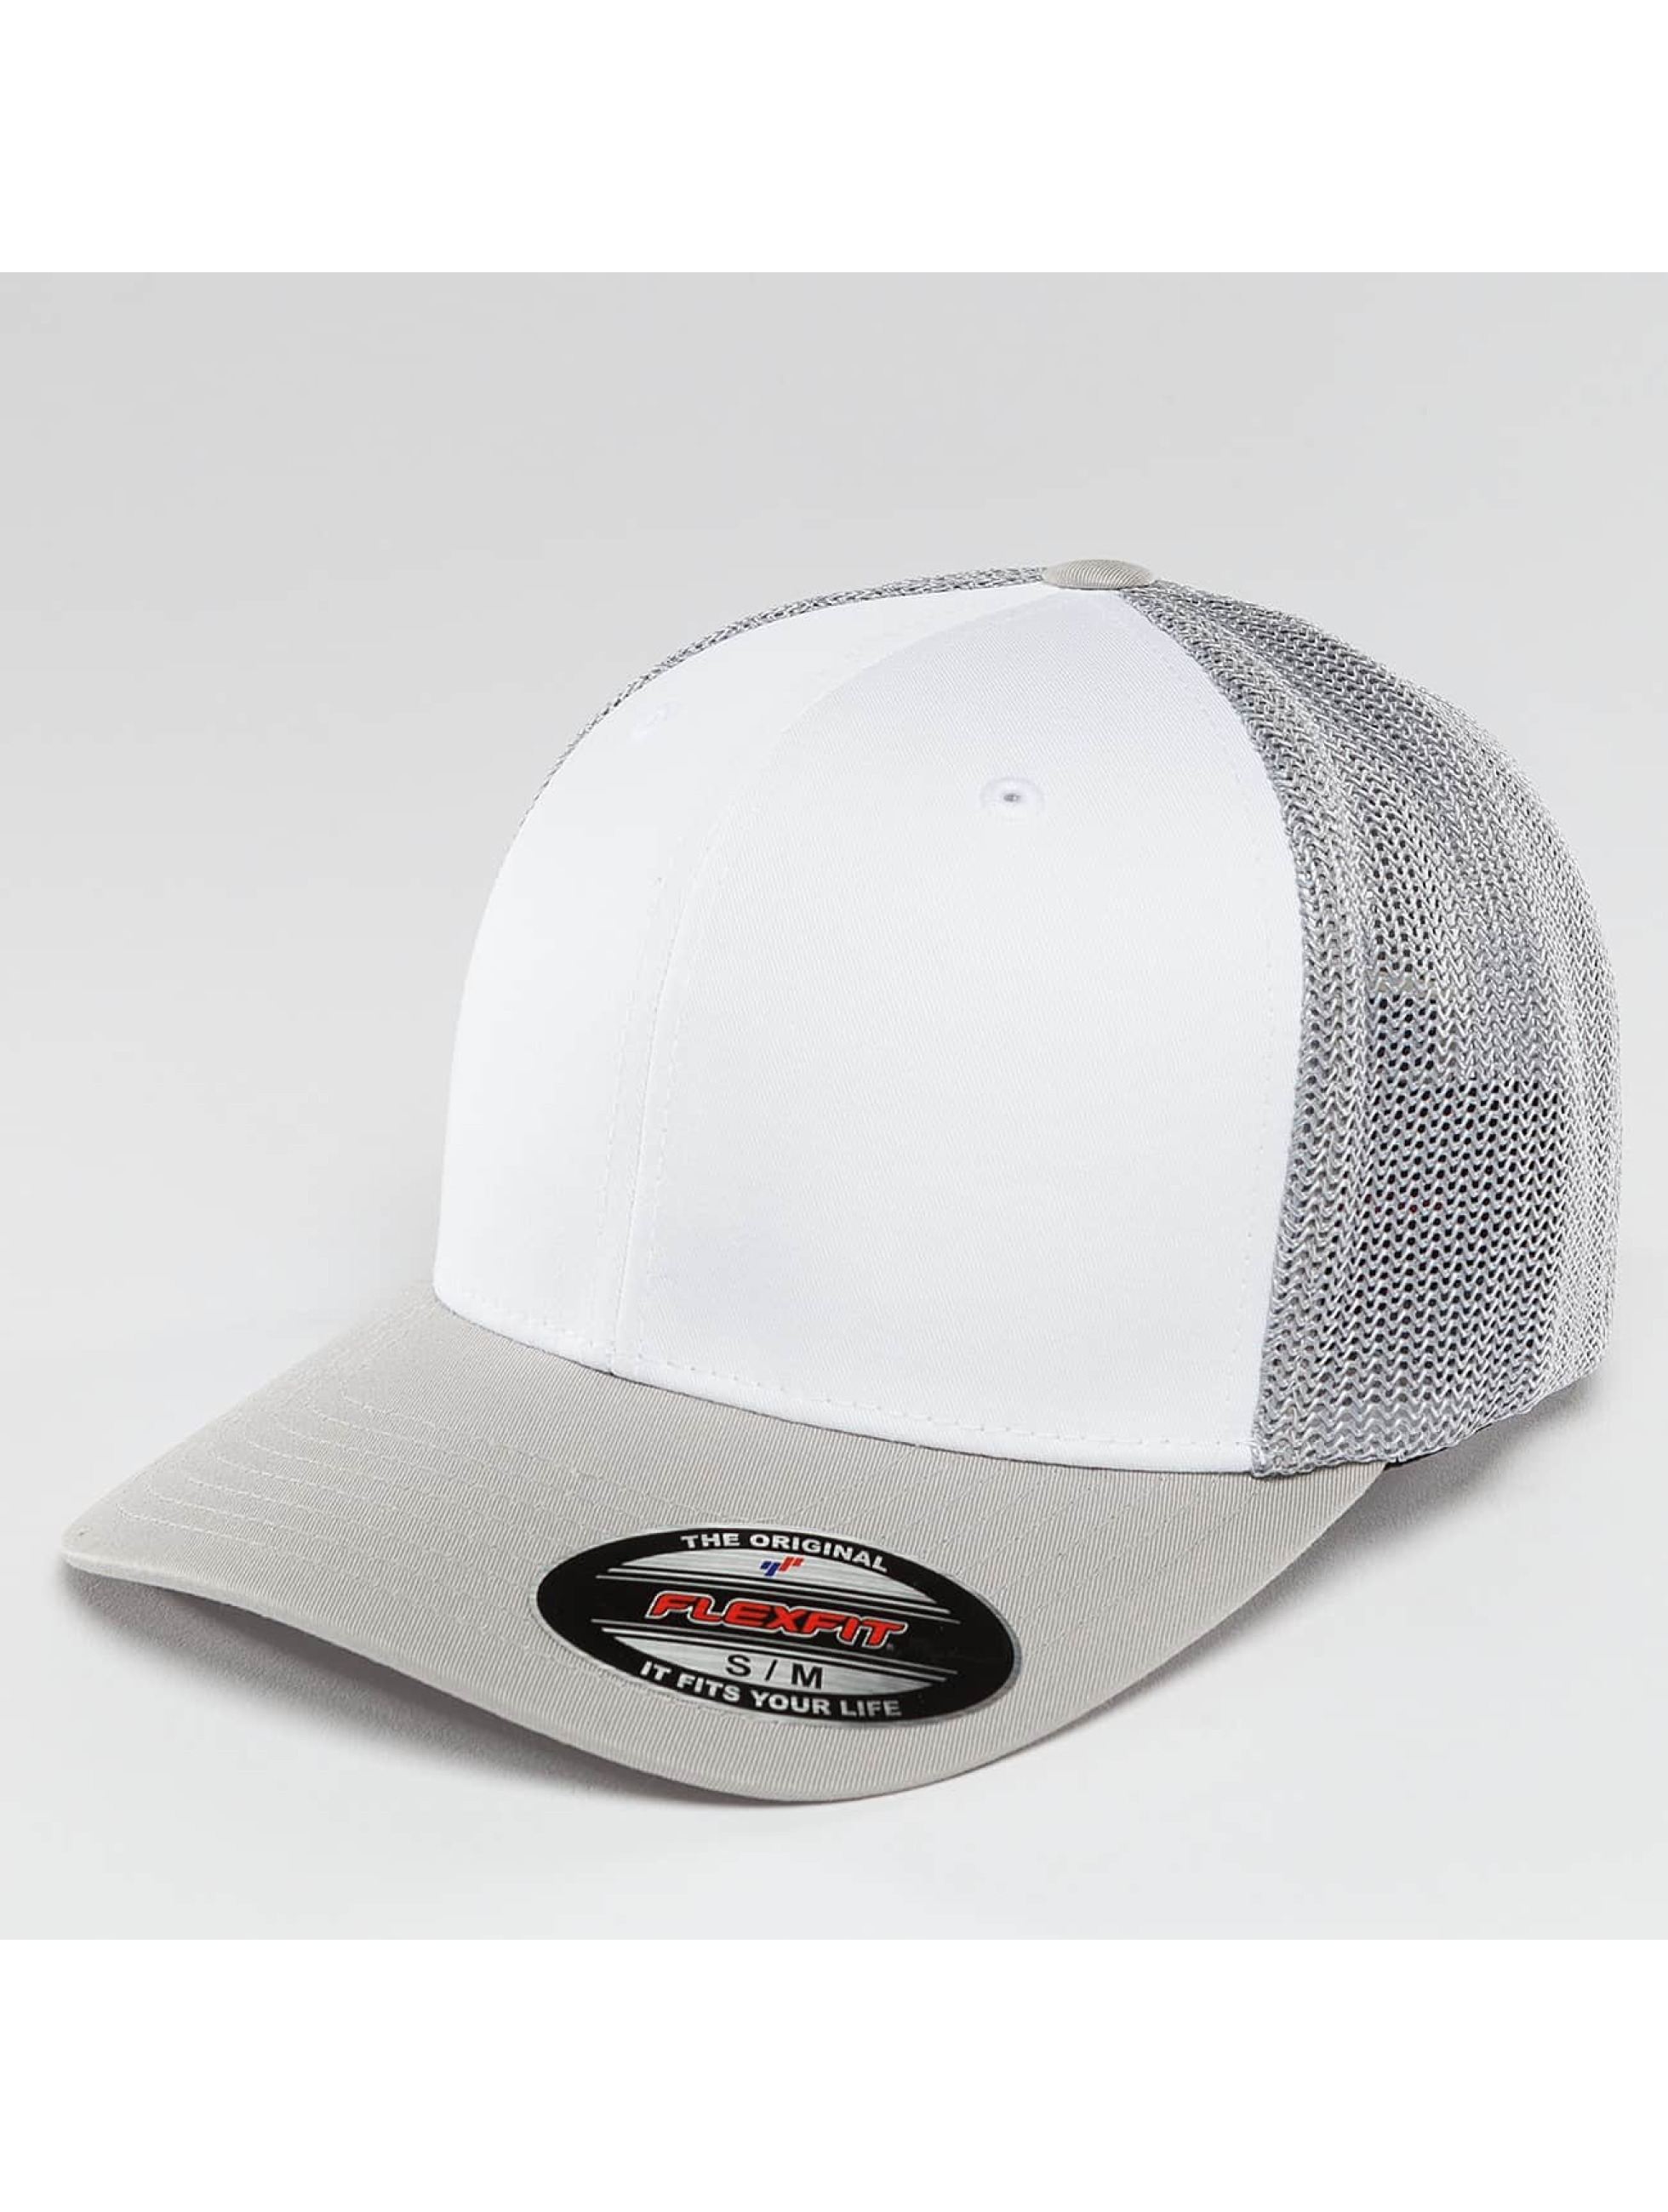 Flexfit Flexfitted Cap Mesh Colored Front zilver